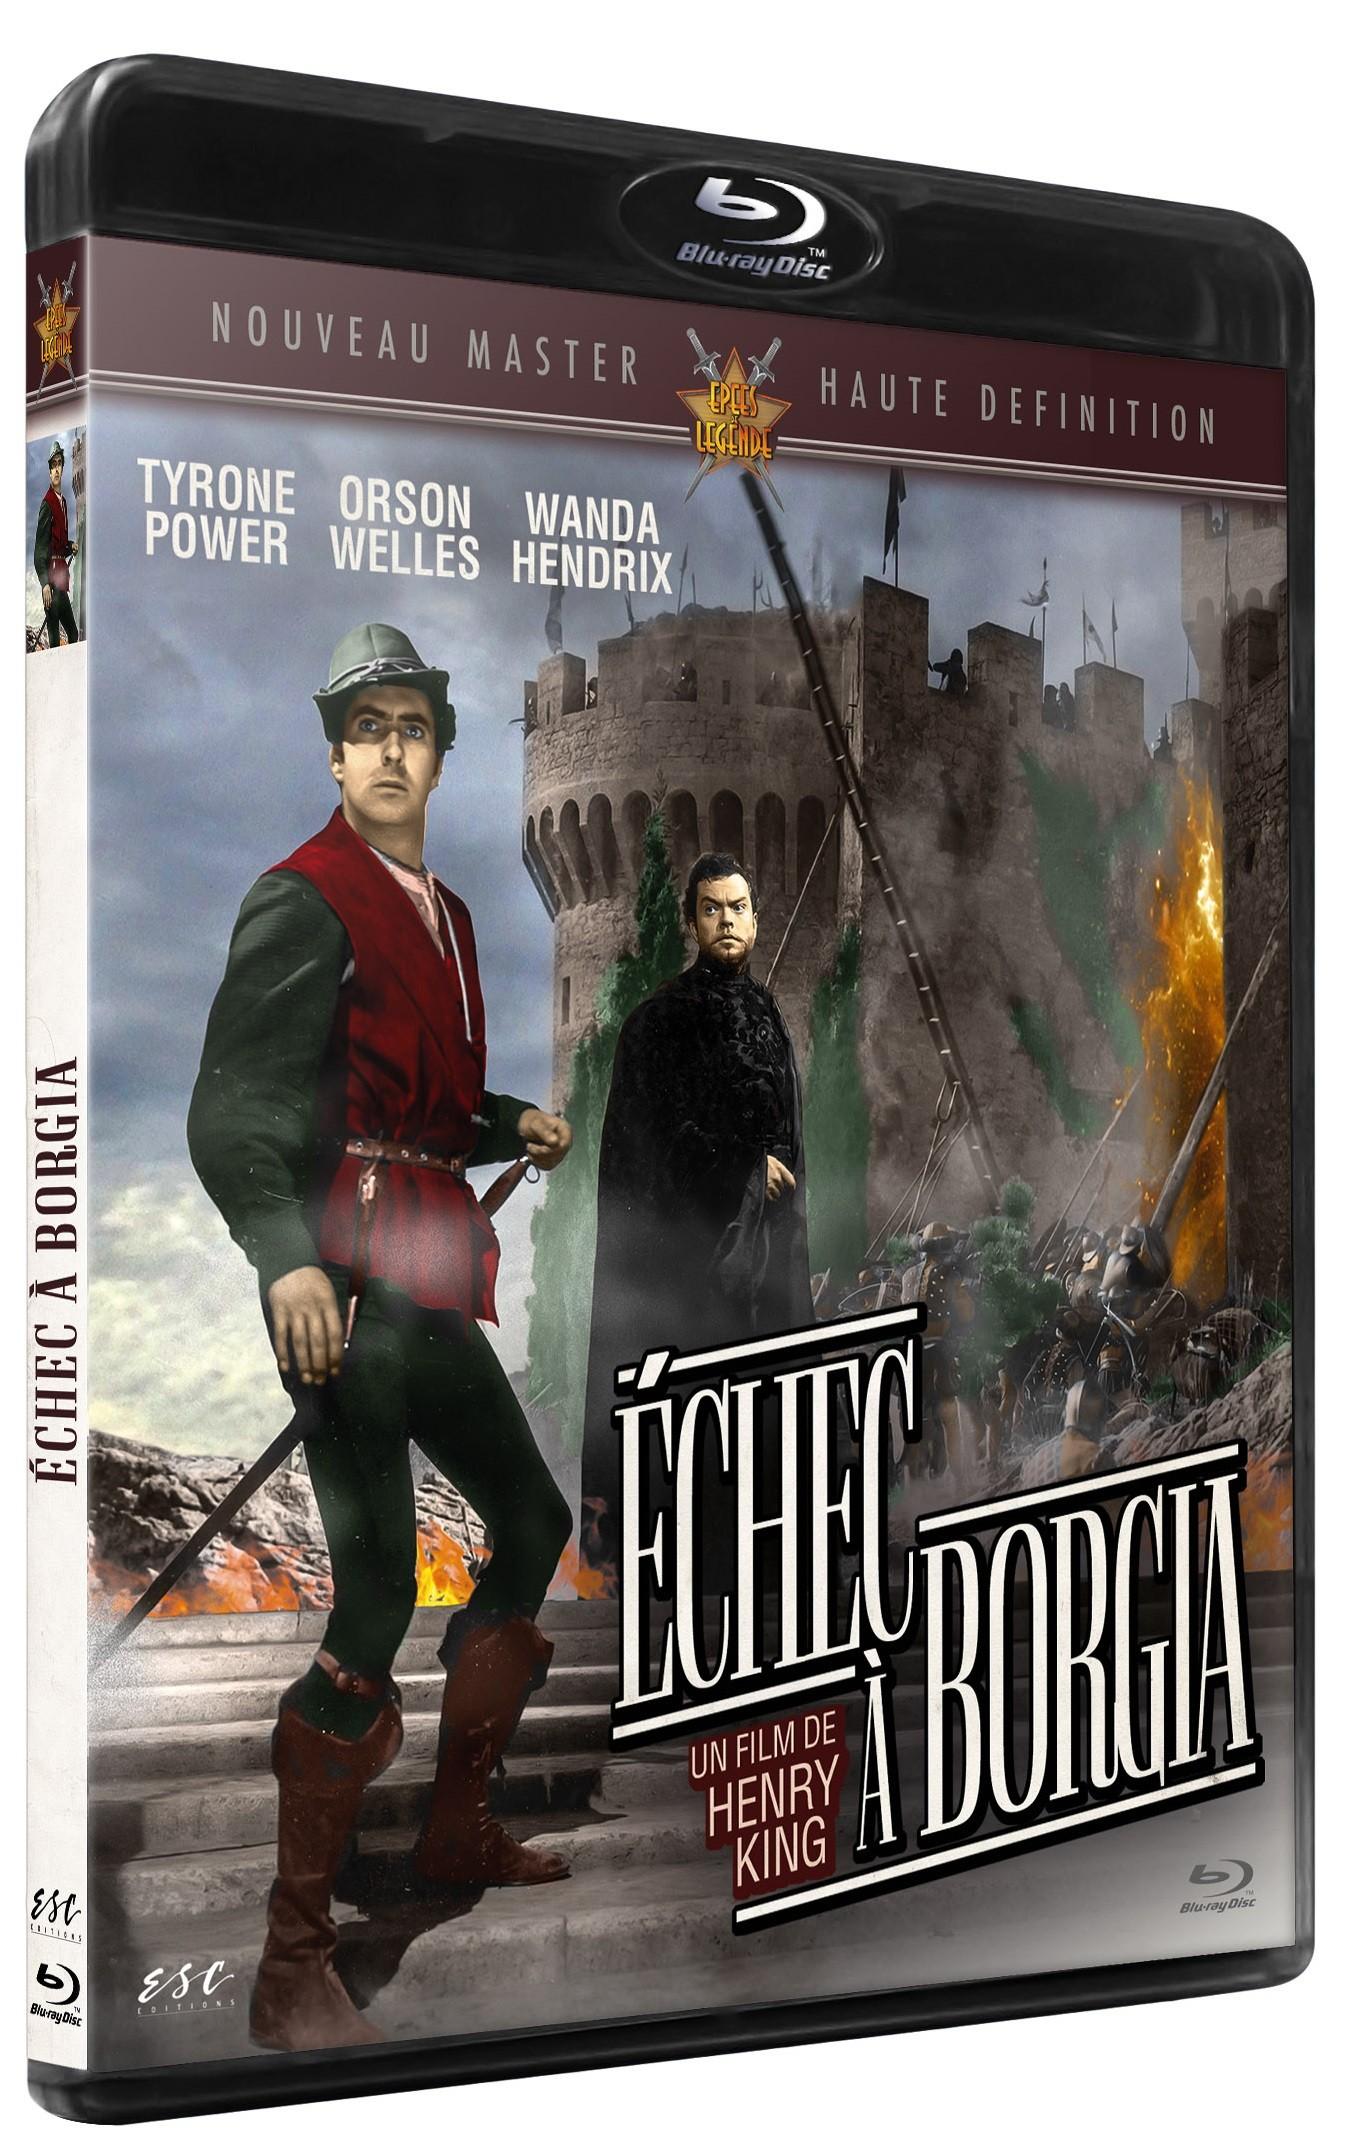 ECHEC A BORGIA